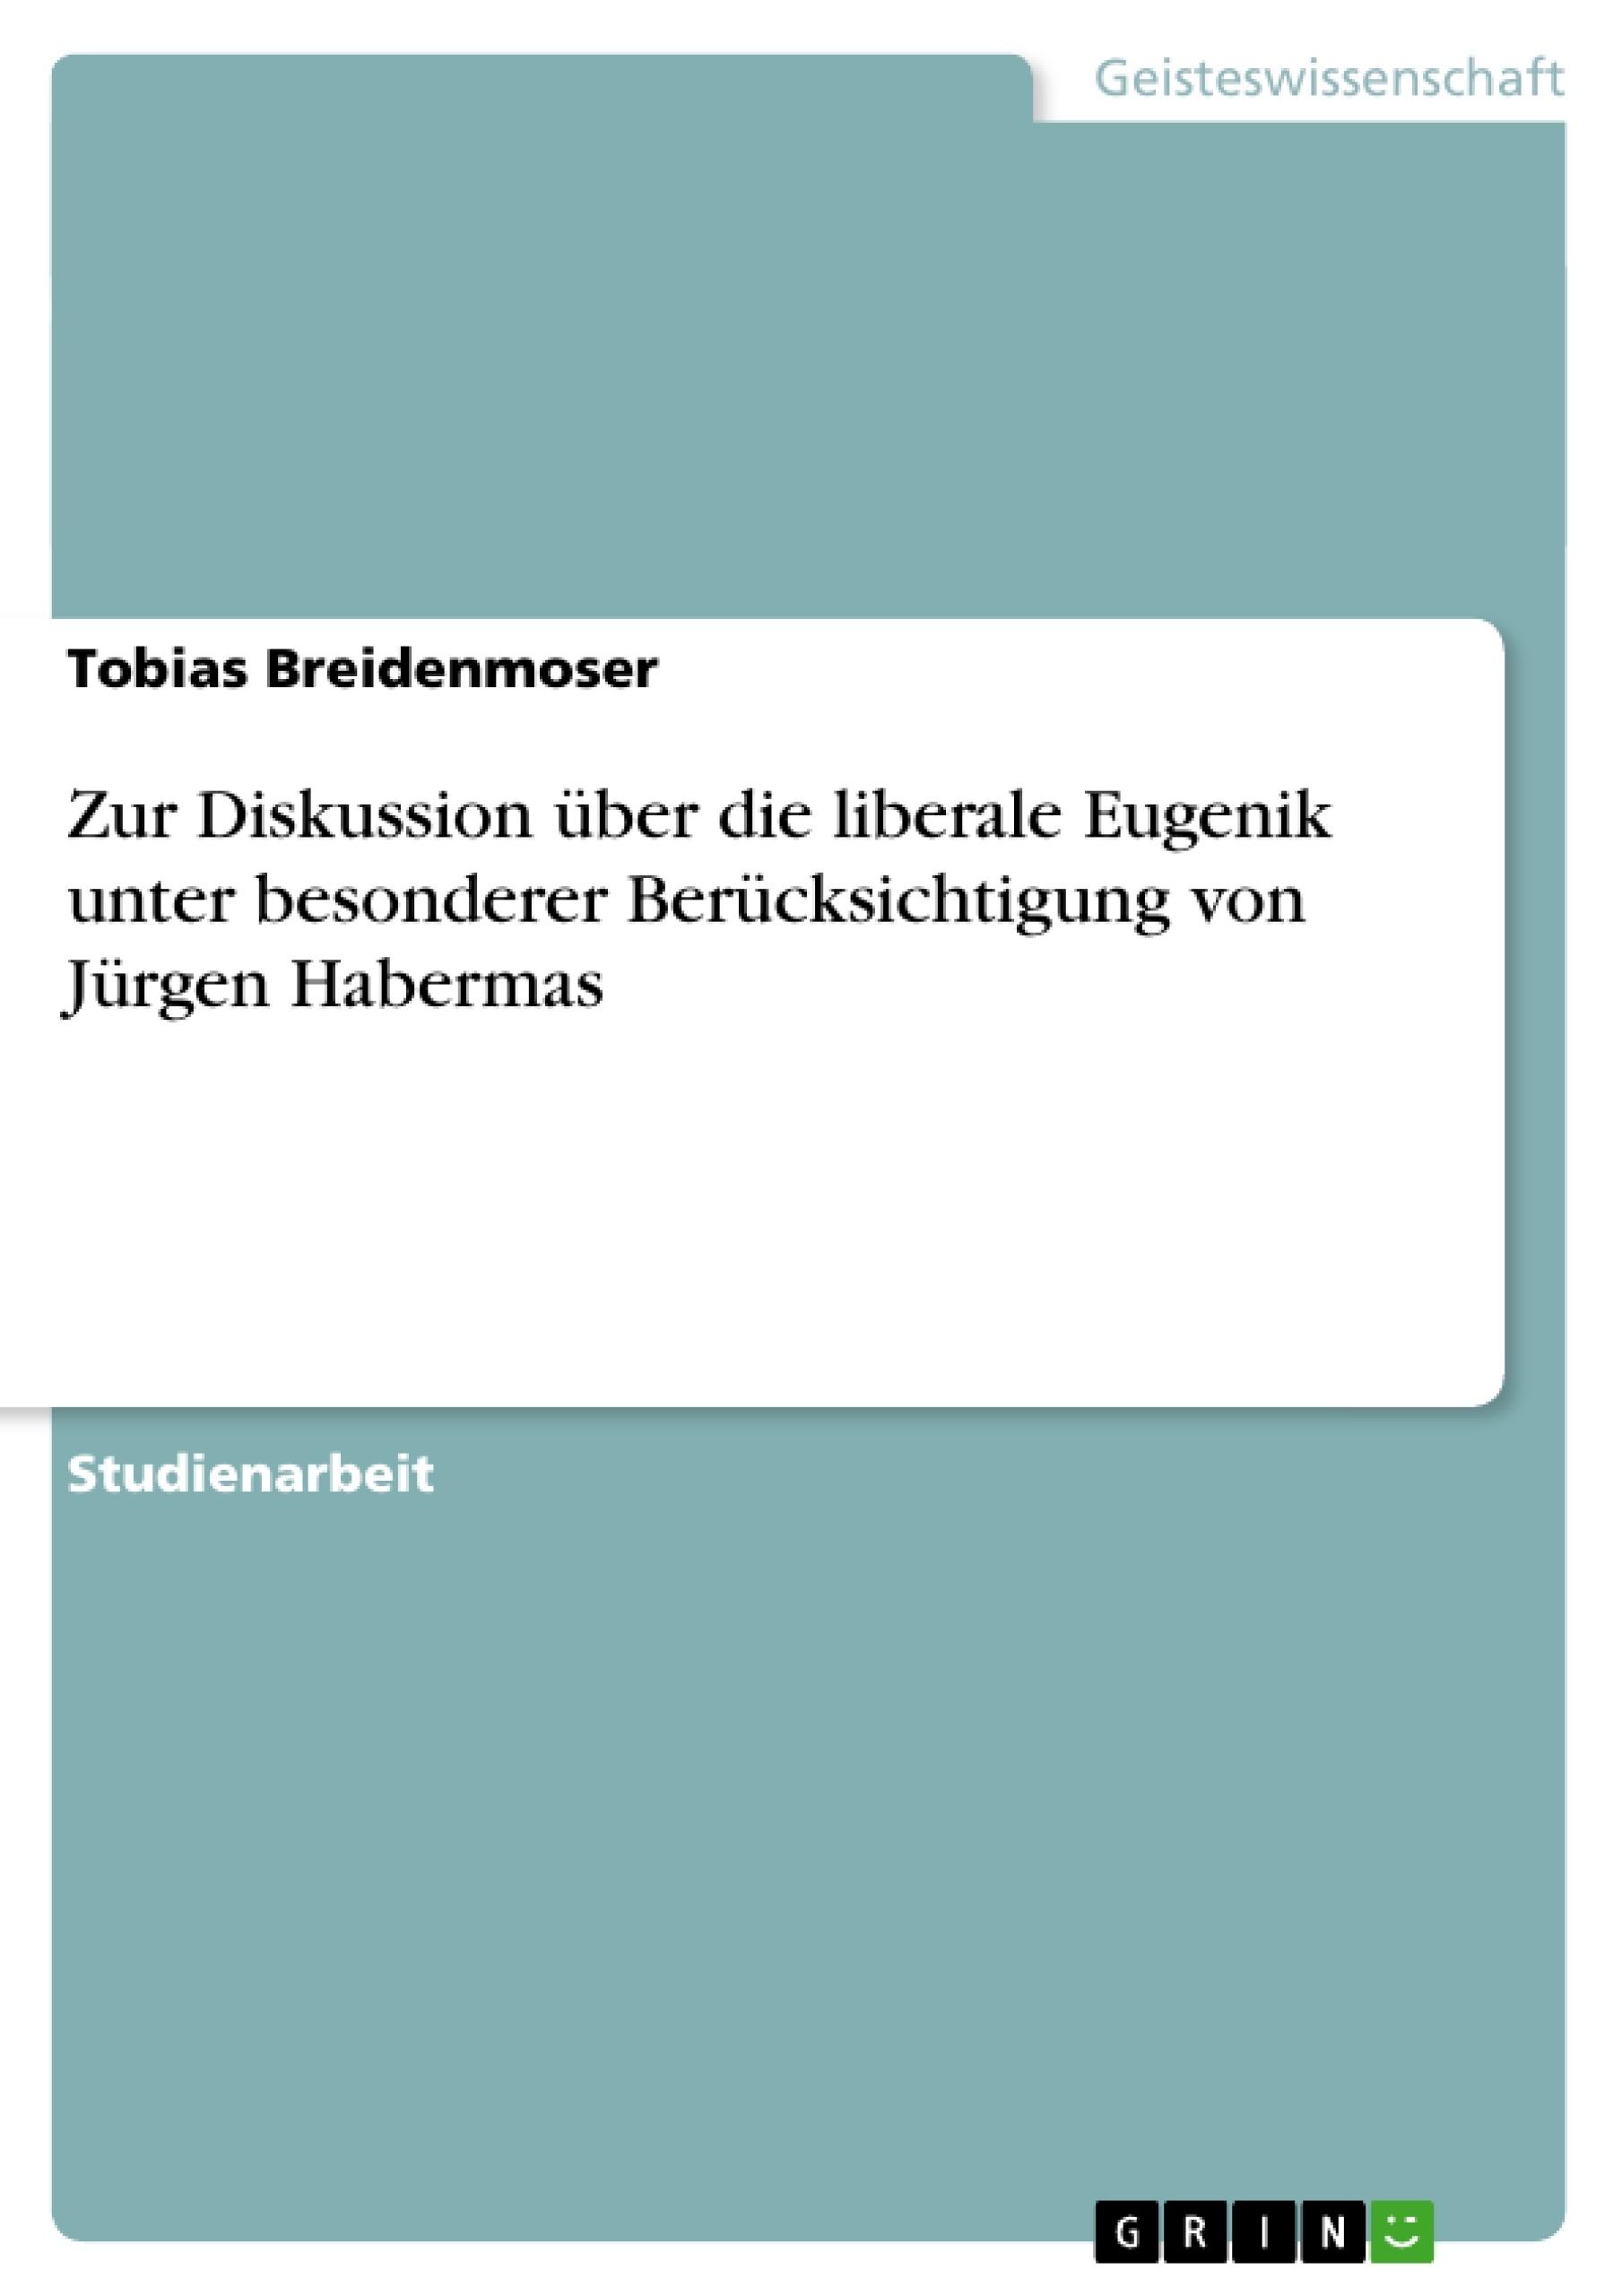 Titel: Zur Diskussion über die liberale Eugenik unter besonderer Berücksichtigung von Jürgen Habermas